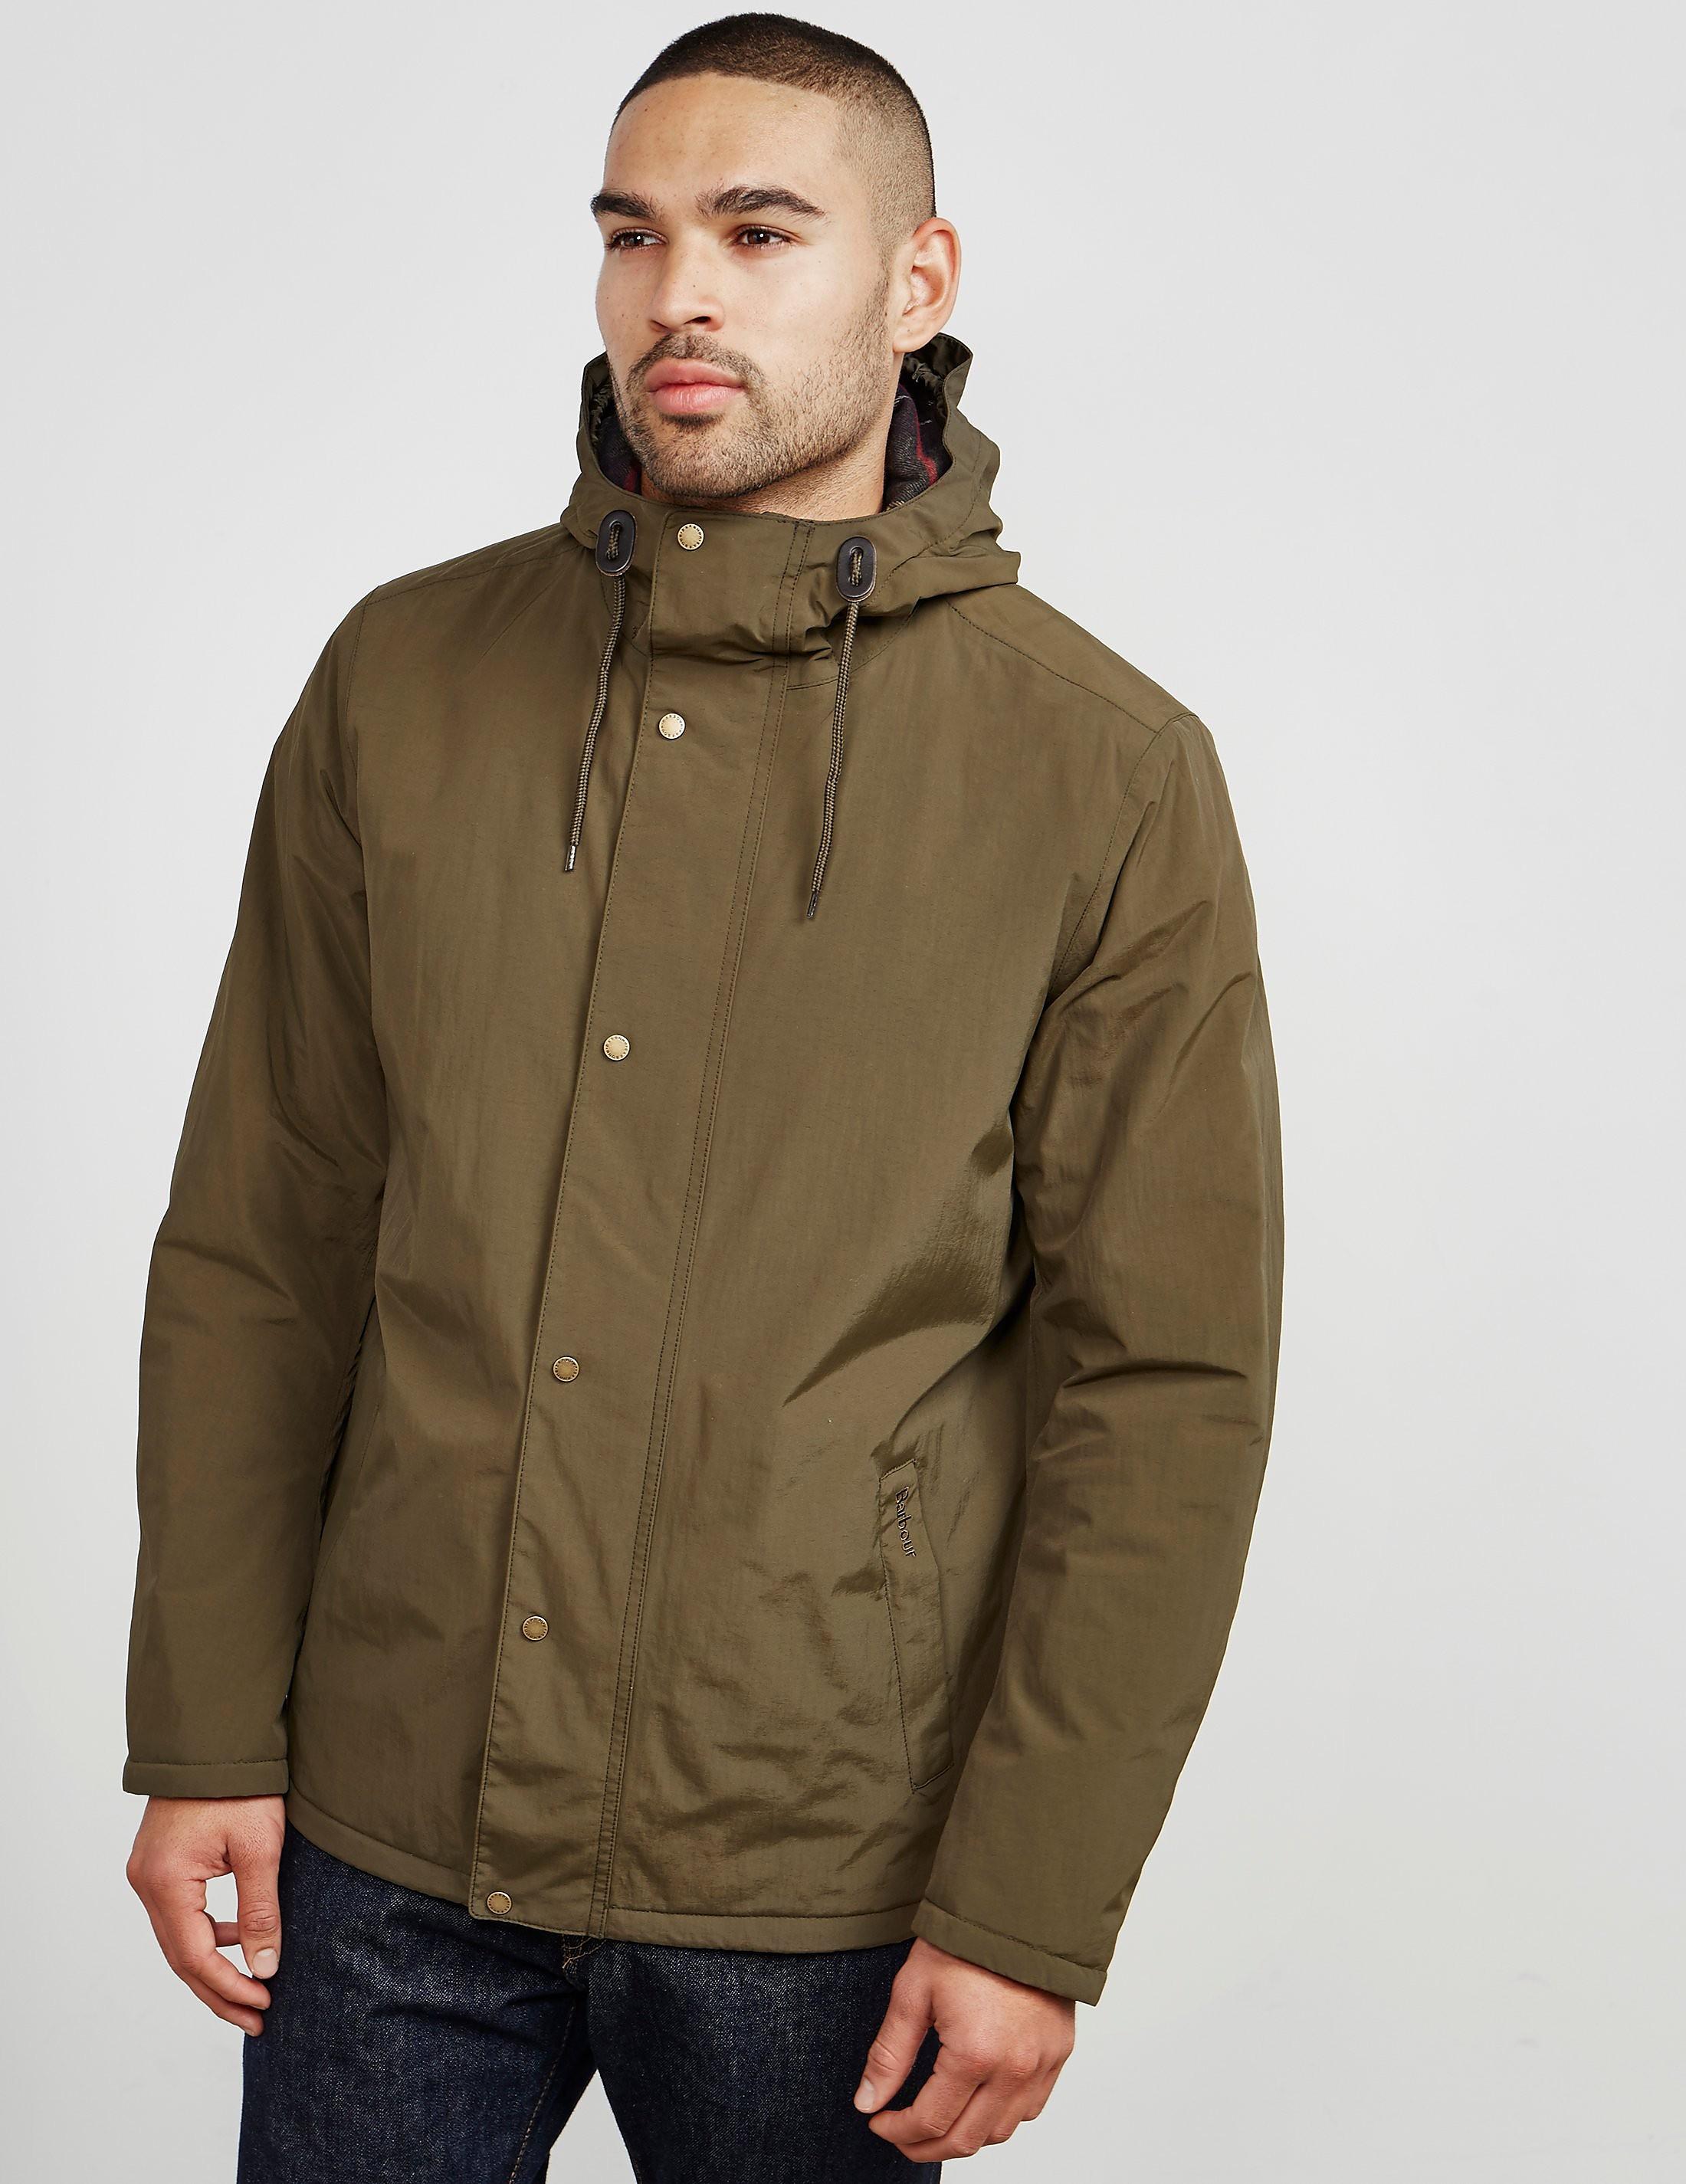 Barbour Lytham Waterproof Jacket